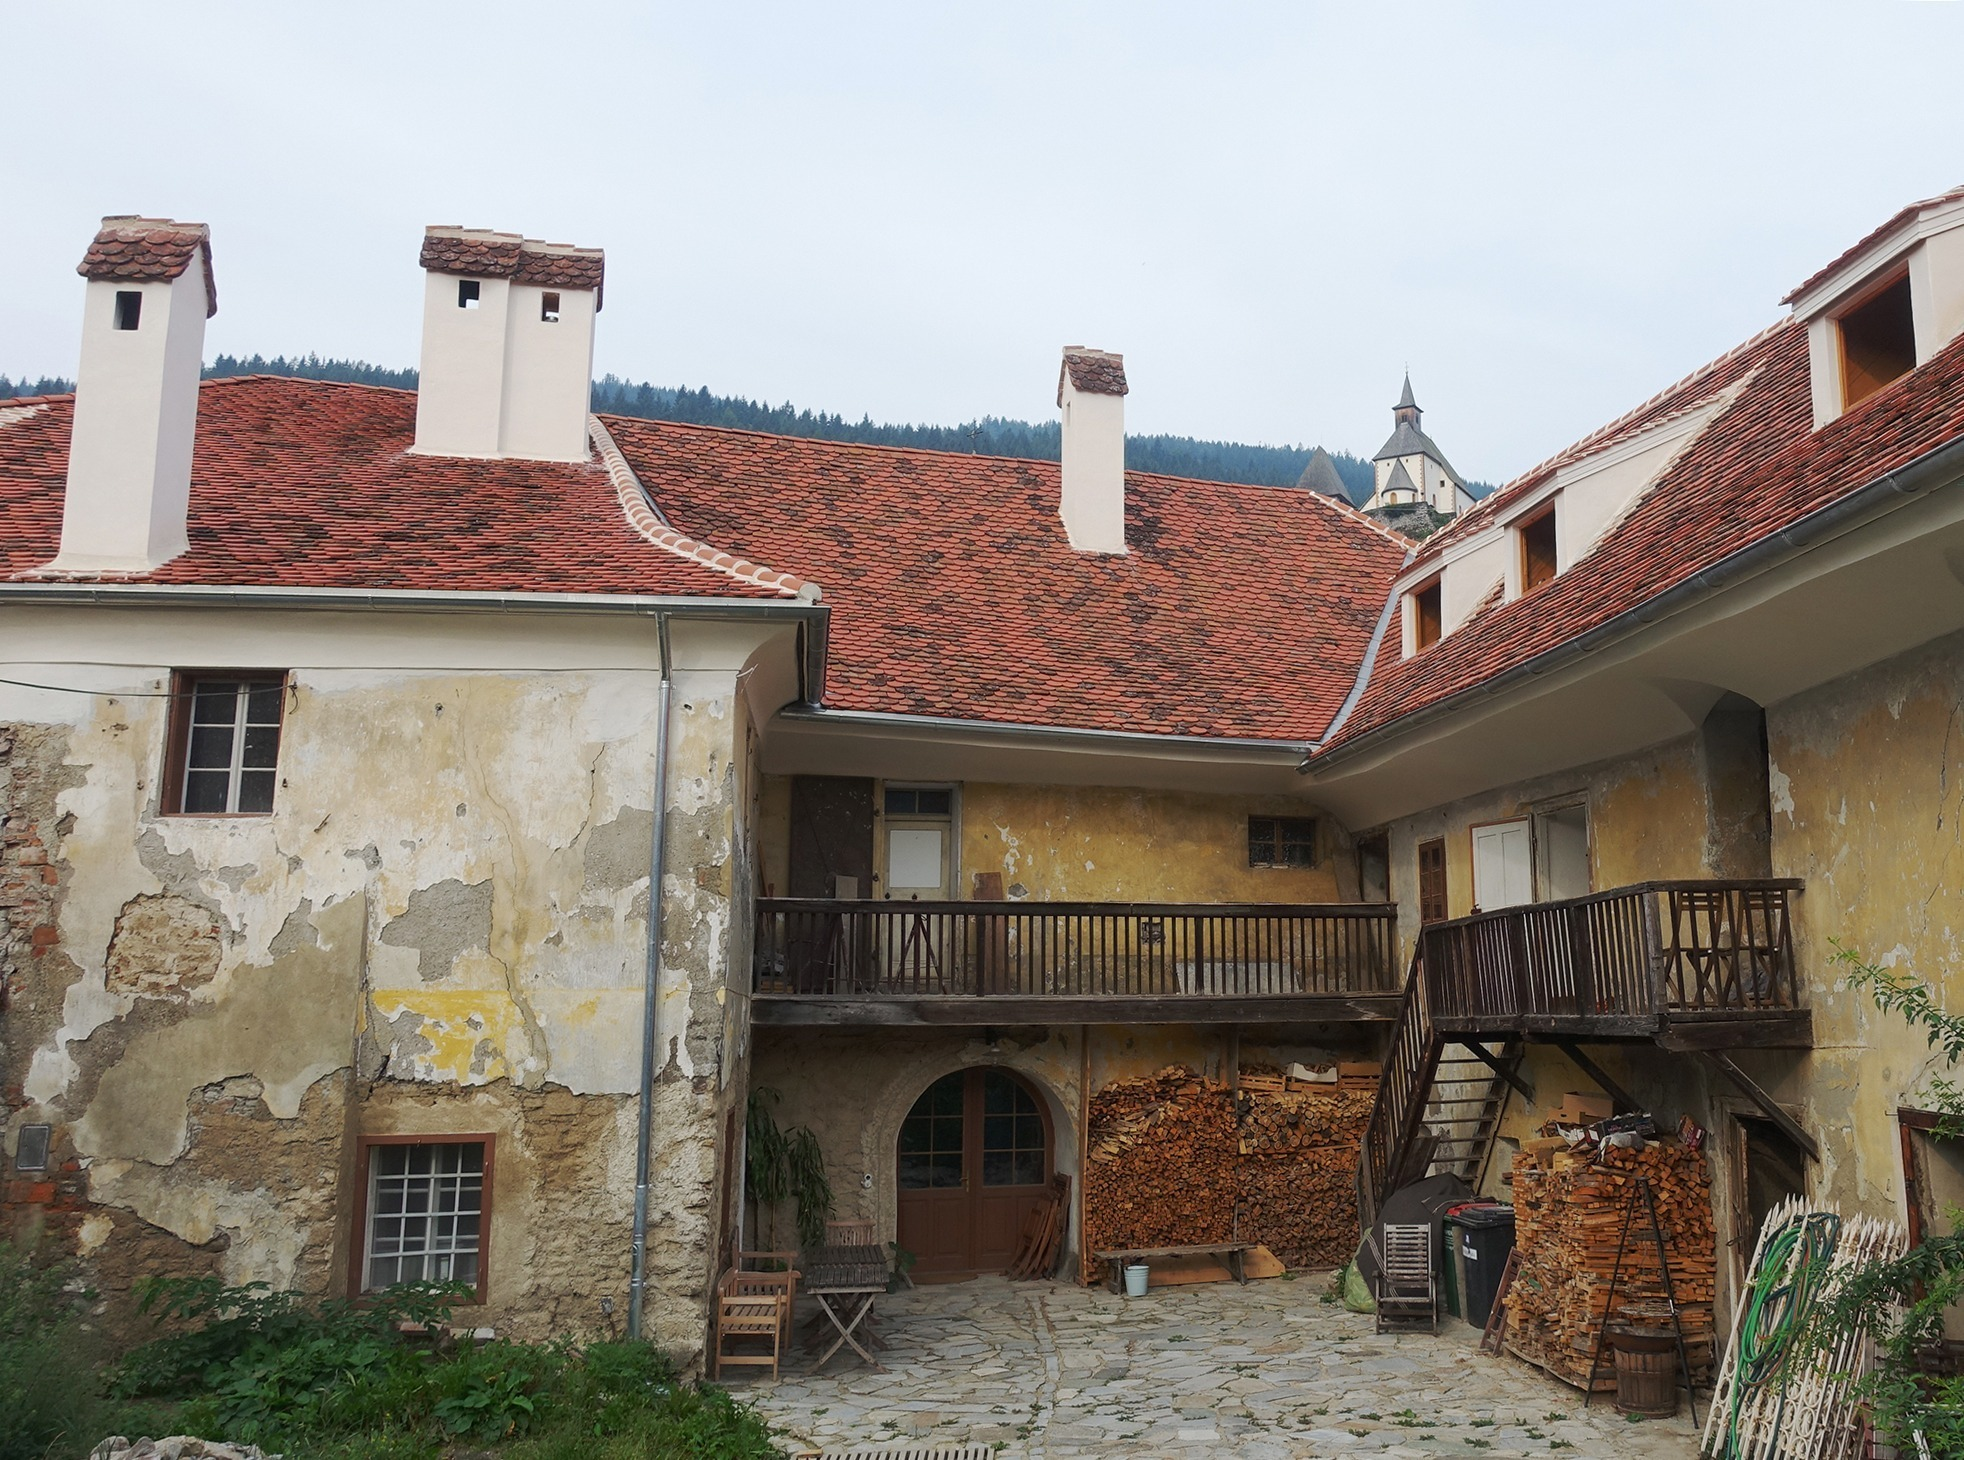 Ziel der Restaurierung der Dachlandschaft war, die hist. Dachansicht wiederherzustellen.Kamine wurden rückgebaut, alte u. neue Ziegel assoziieren Lebendigkeit (2)